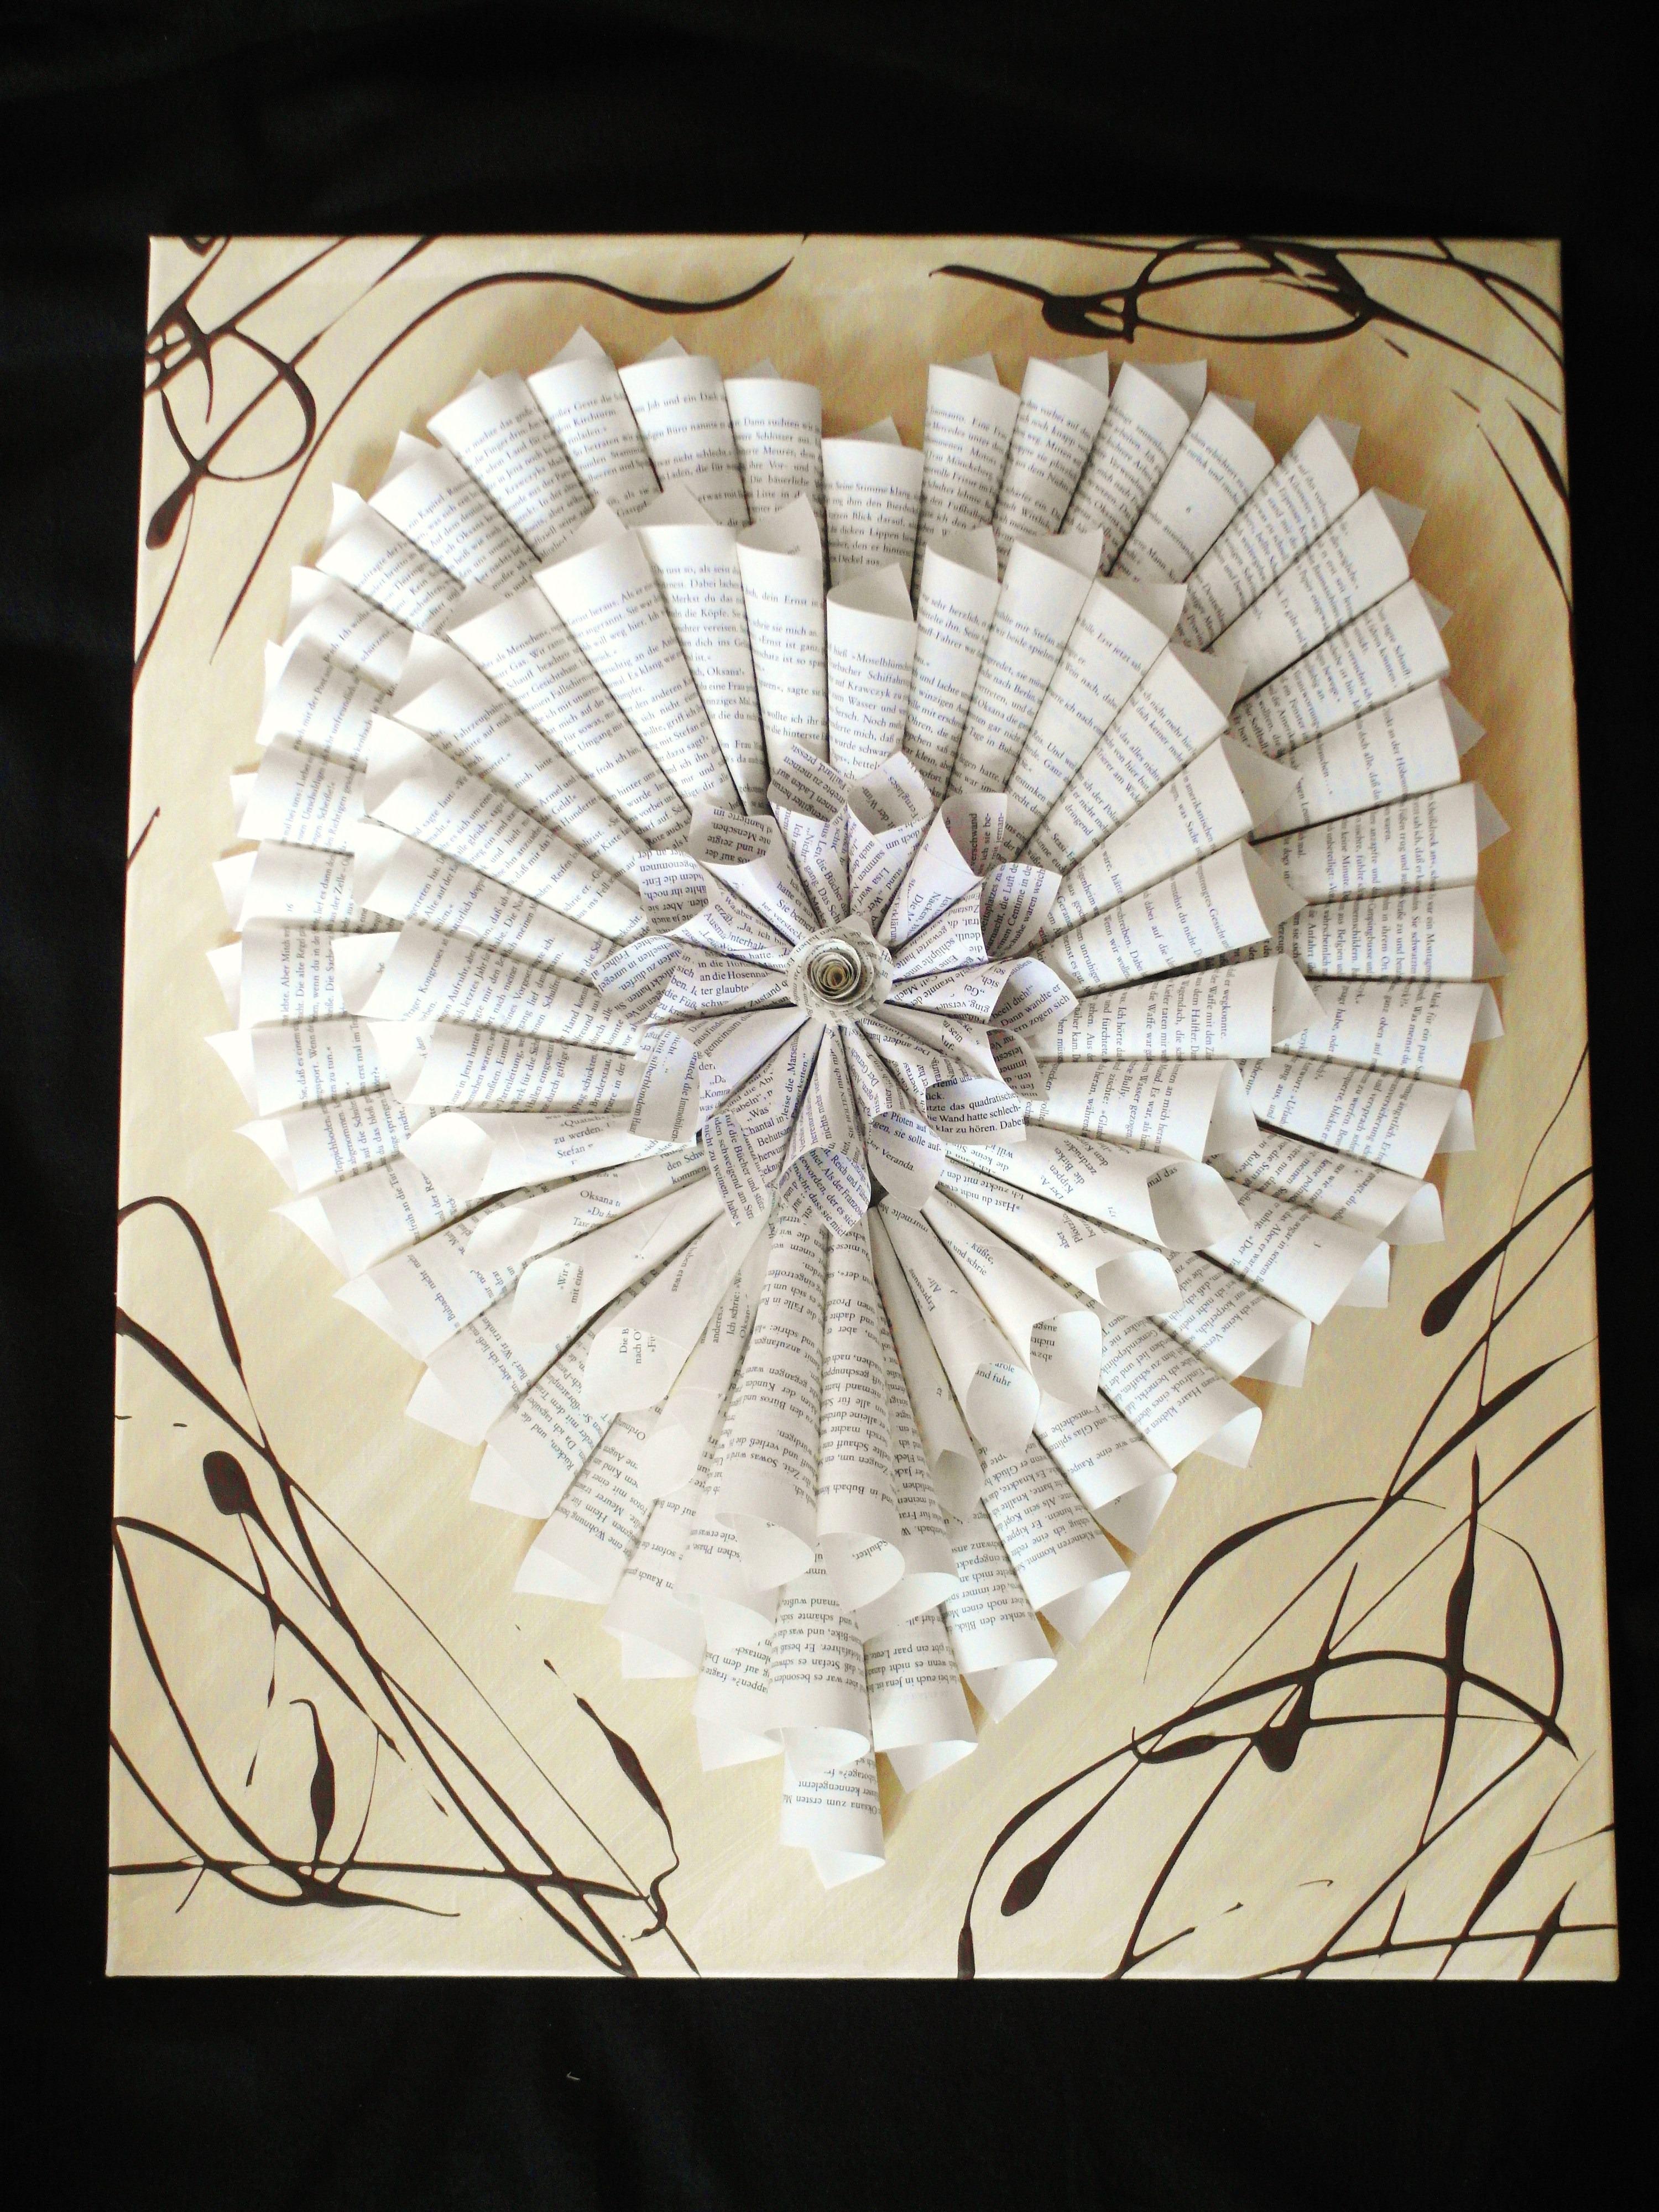 Gambar Kreatif Spiral Jendela Kaca Cinta Jantung